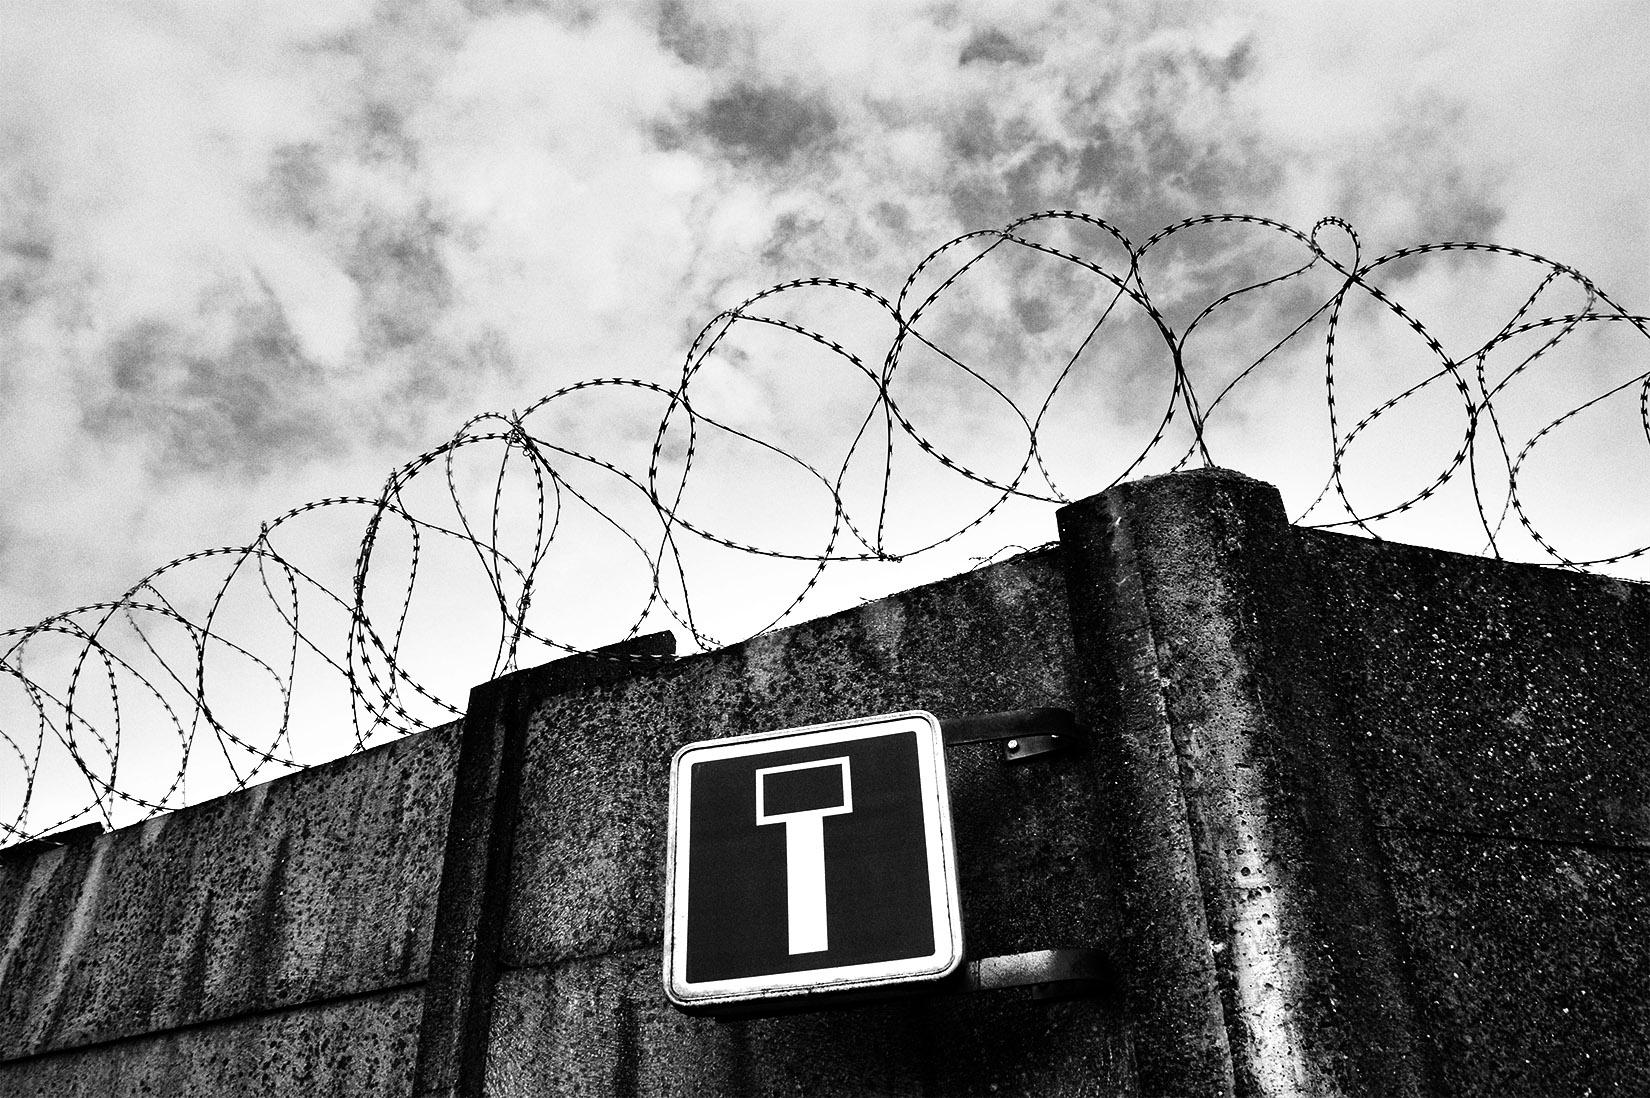 mur et fil de fer barbelé dans une impasse ; noir et blanc